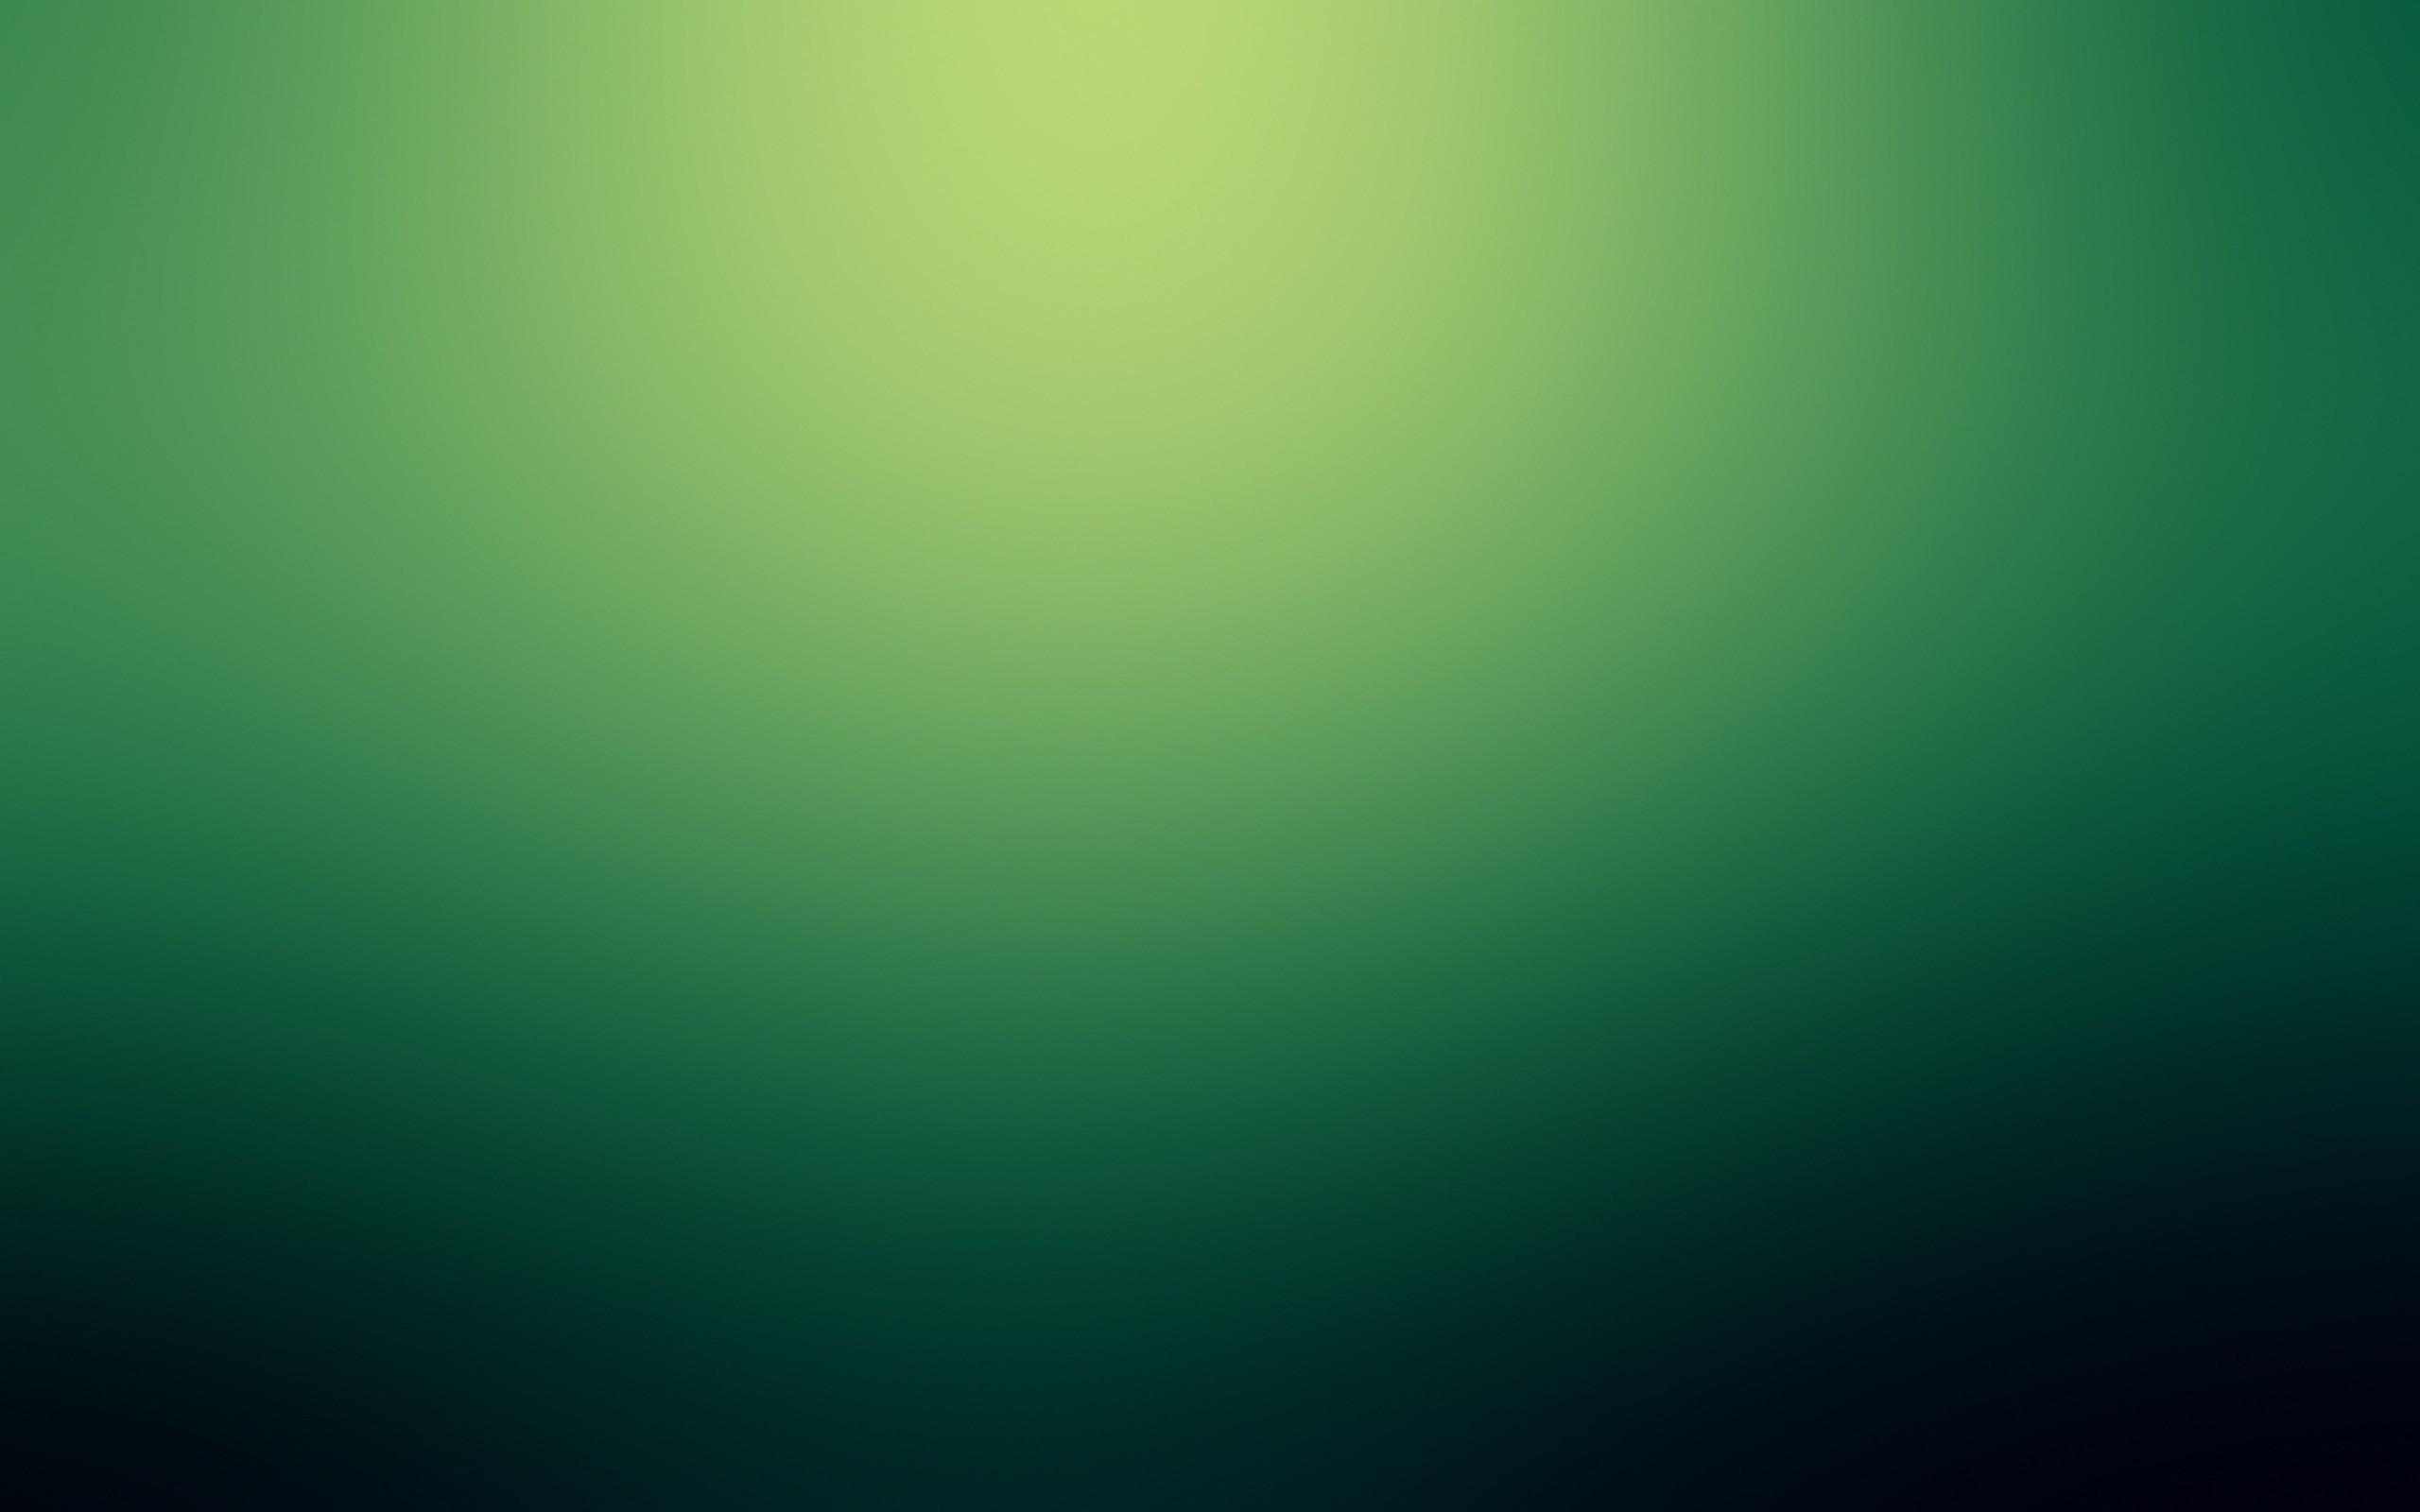 2560×1440 Green Gradient Background